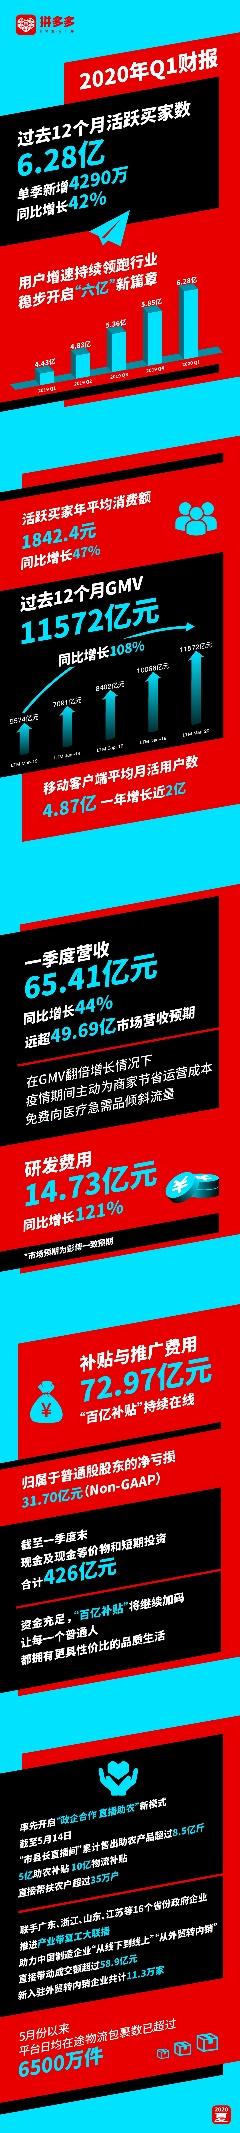 拼多多2020年Q1营收65.41亿元,年活跃买家数达6.28亿